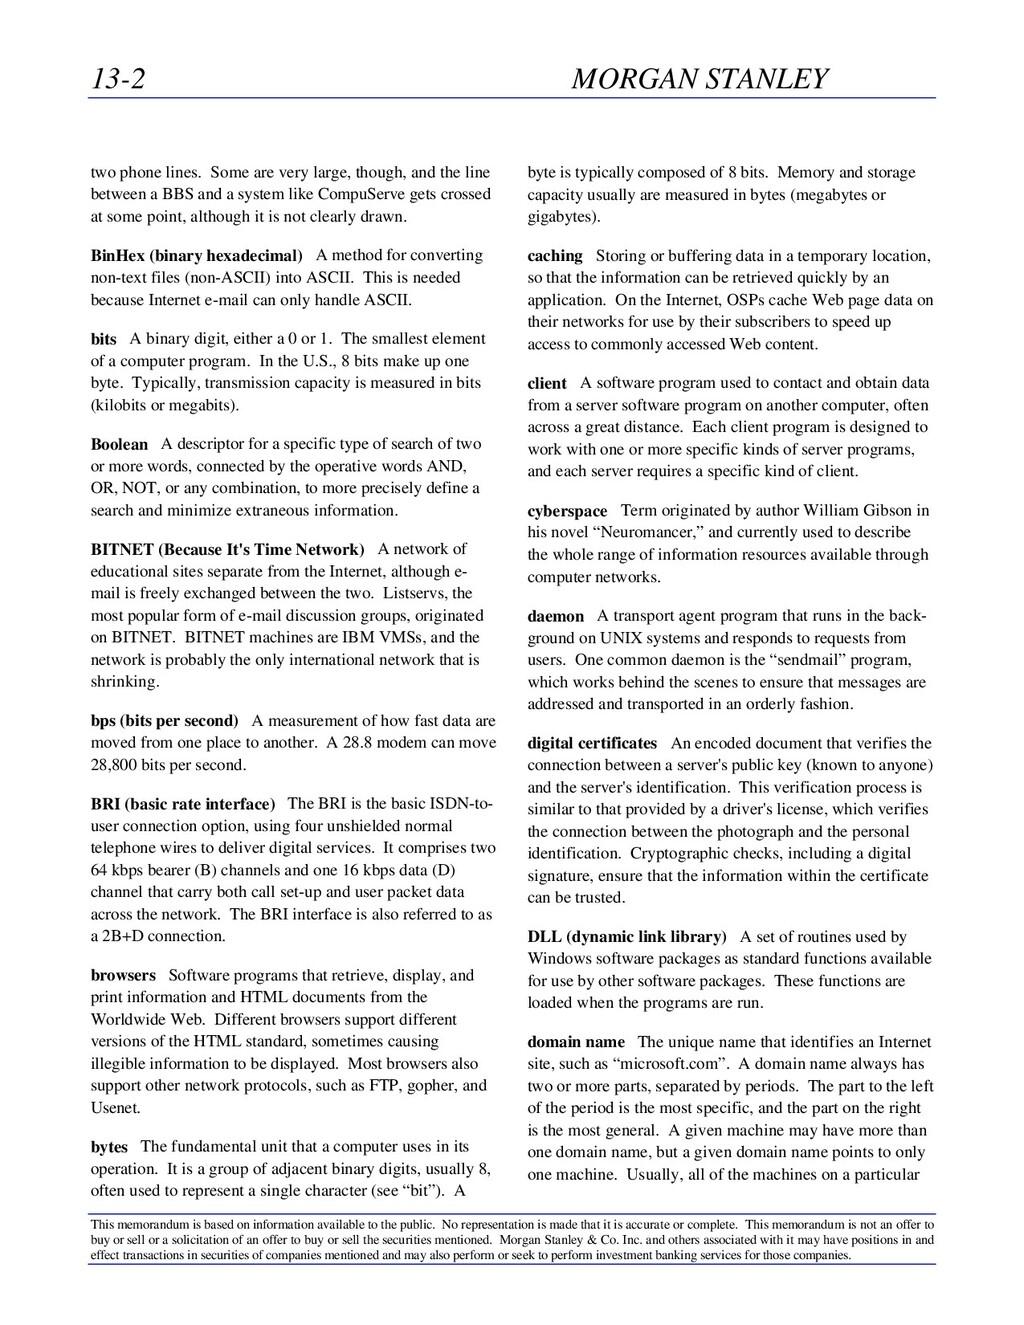 13-2 MORGAN STANLEY This memorandum is based on...